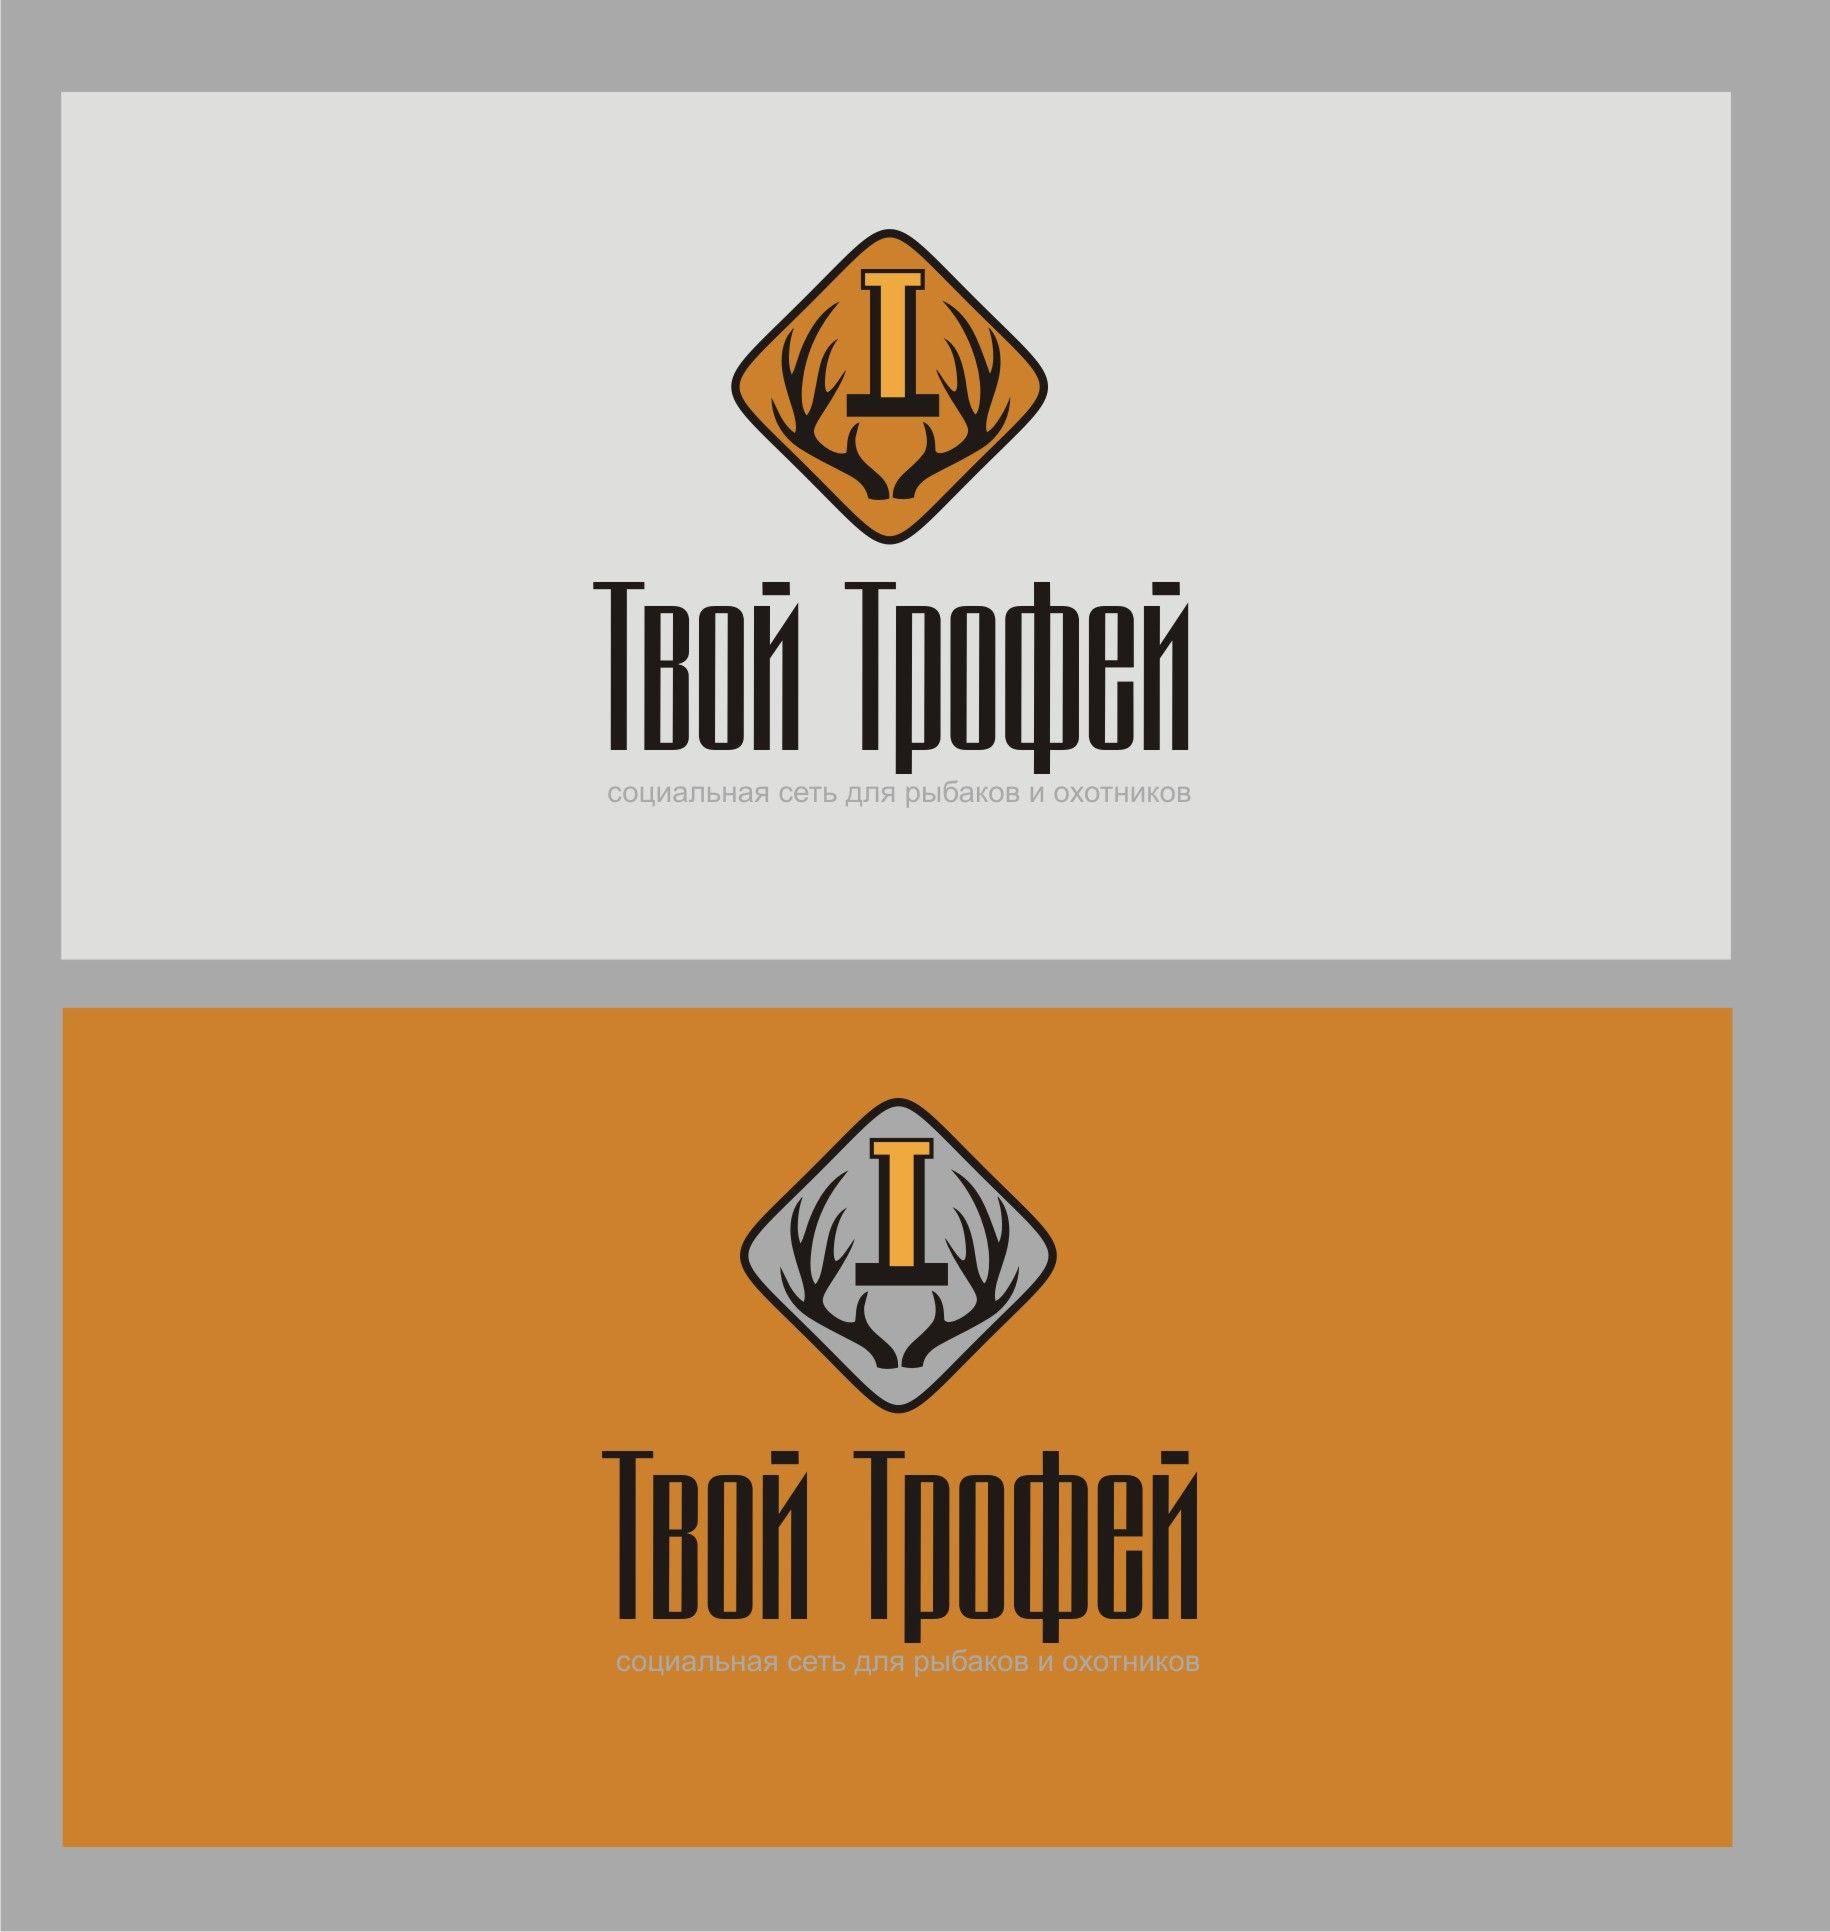 Создание логотипа для Твой Трофей - дизайнер dbyjuhfl